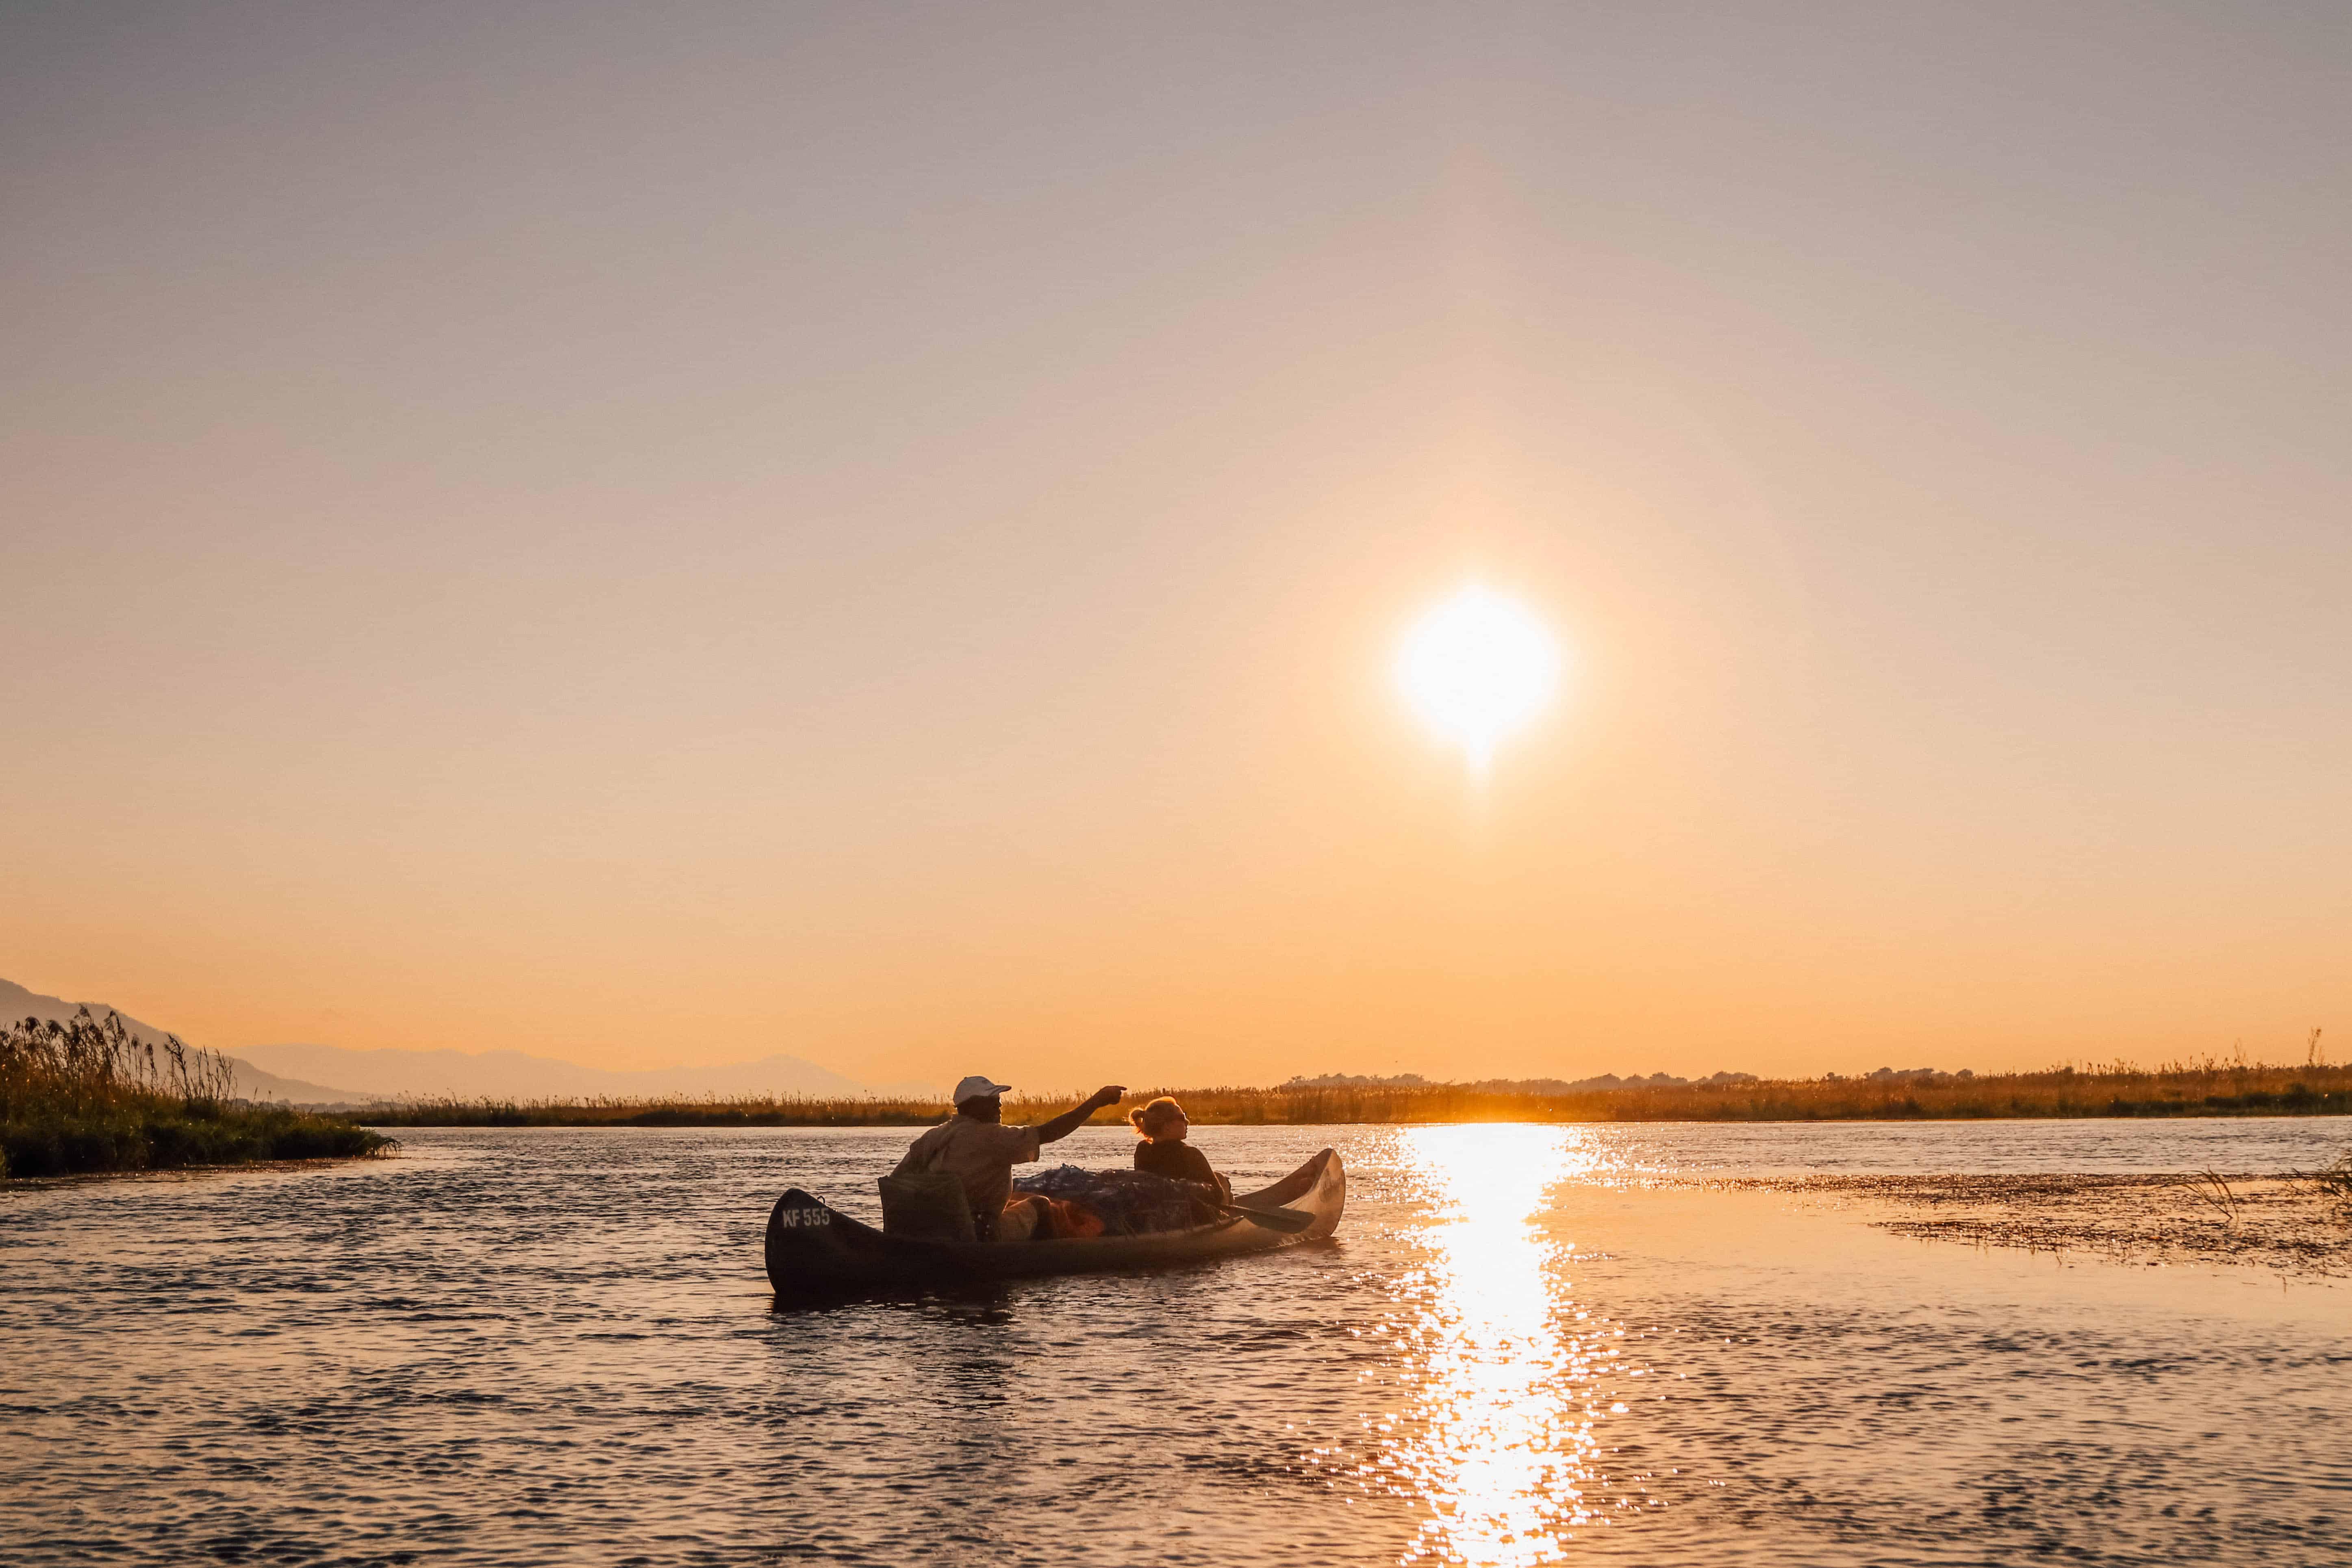 Canoe in safari